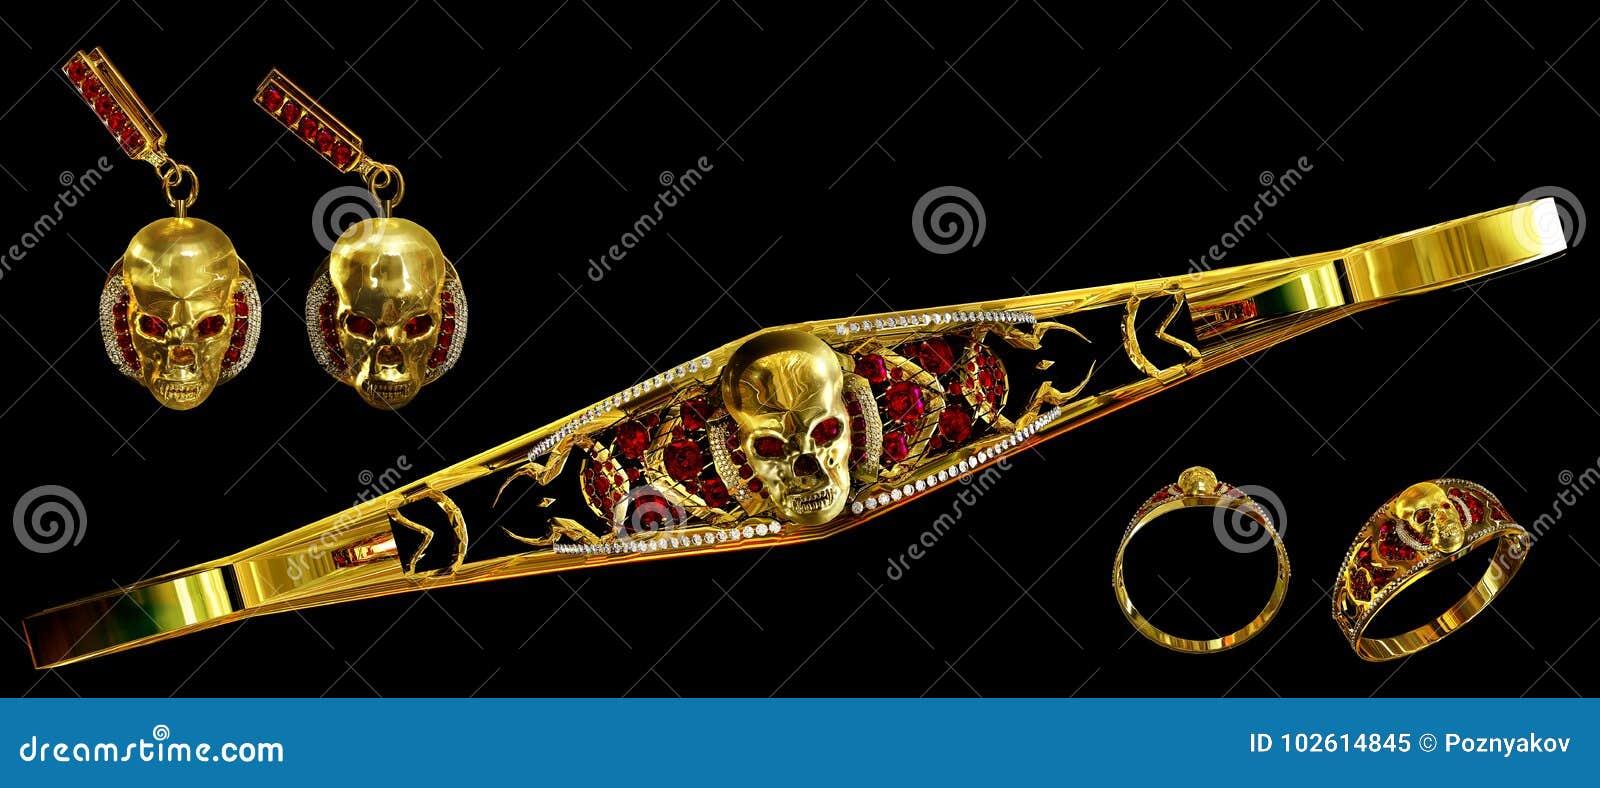 El cráneo del oro de la joyería fijó con el diamante y las gemas de rubíes rojas